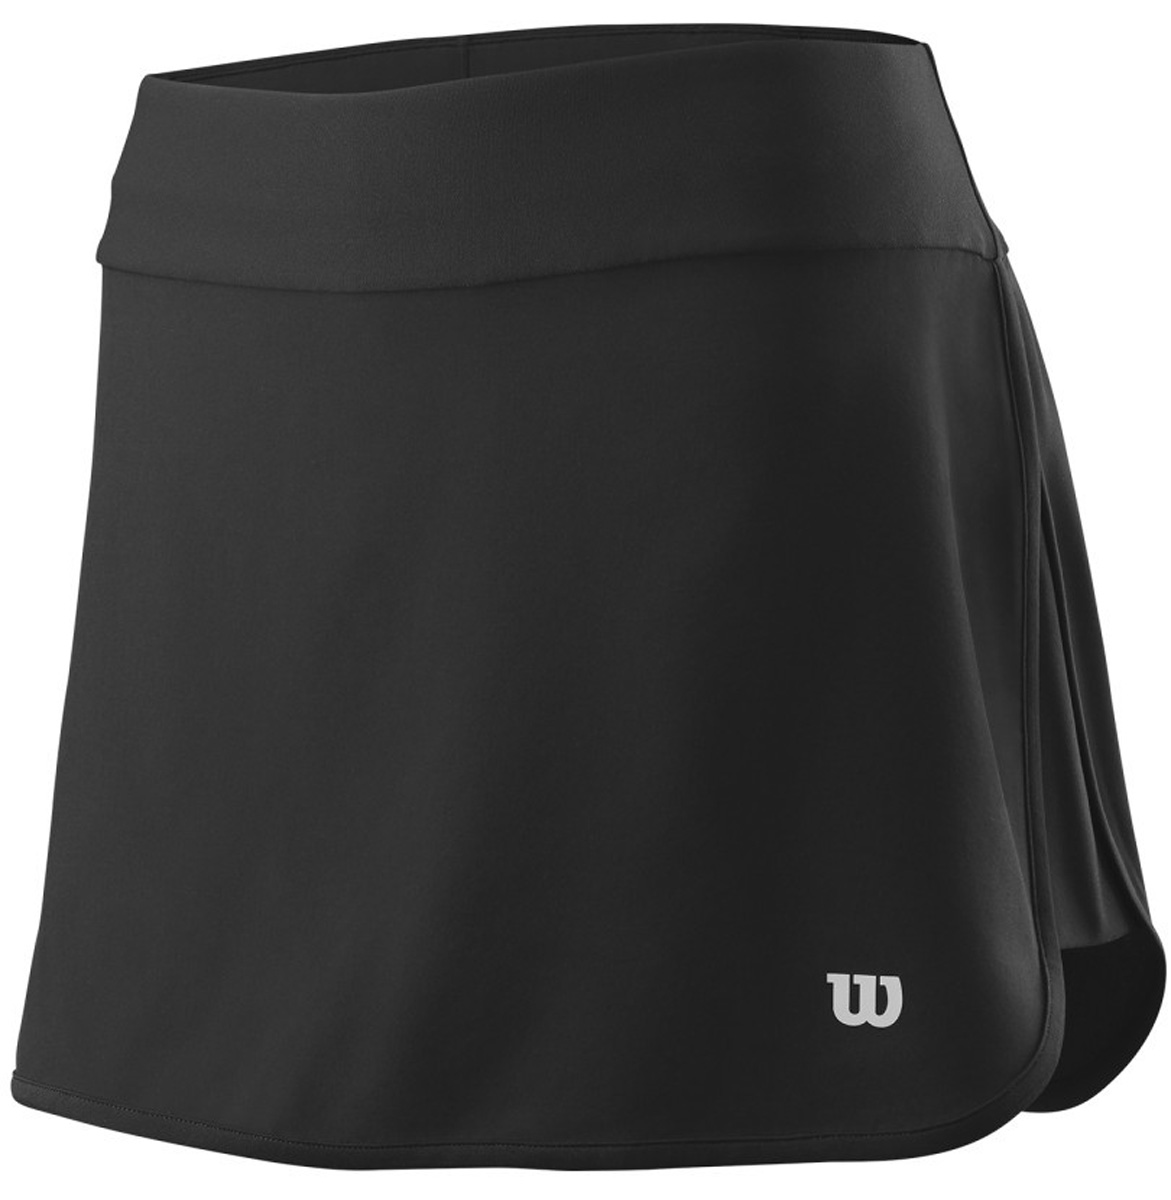 Юбка для тенниса Wilson Condition 13.5 Skirt, цвет: черный. WRA764401. Размер XS (40/42)WRA764401Юбка для тенниса от Wilson выполнена из эластичного трикотажа. Модель с эластичной резинкой на талии.